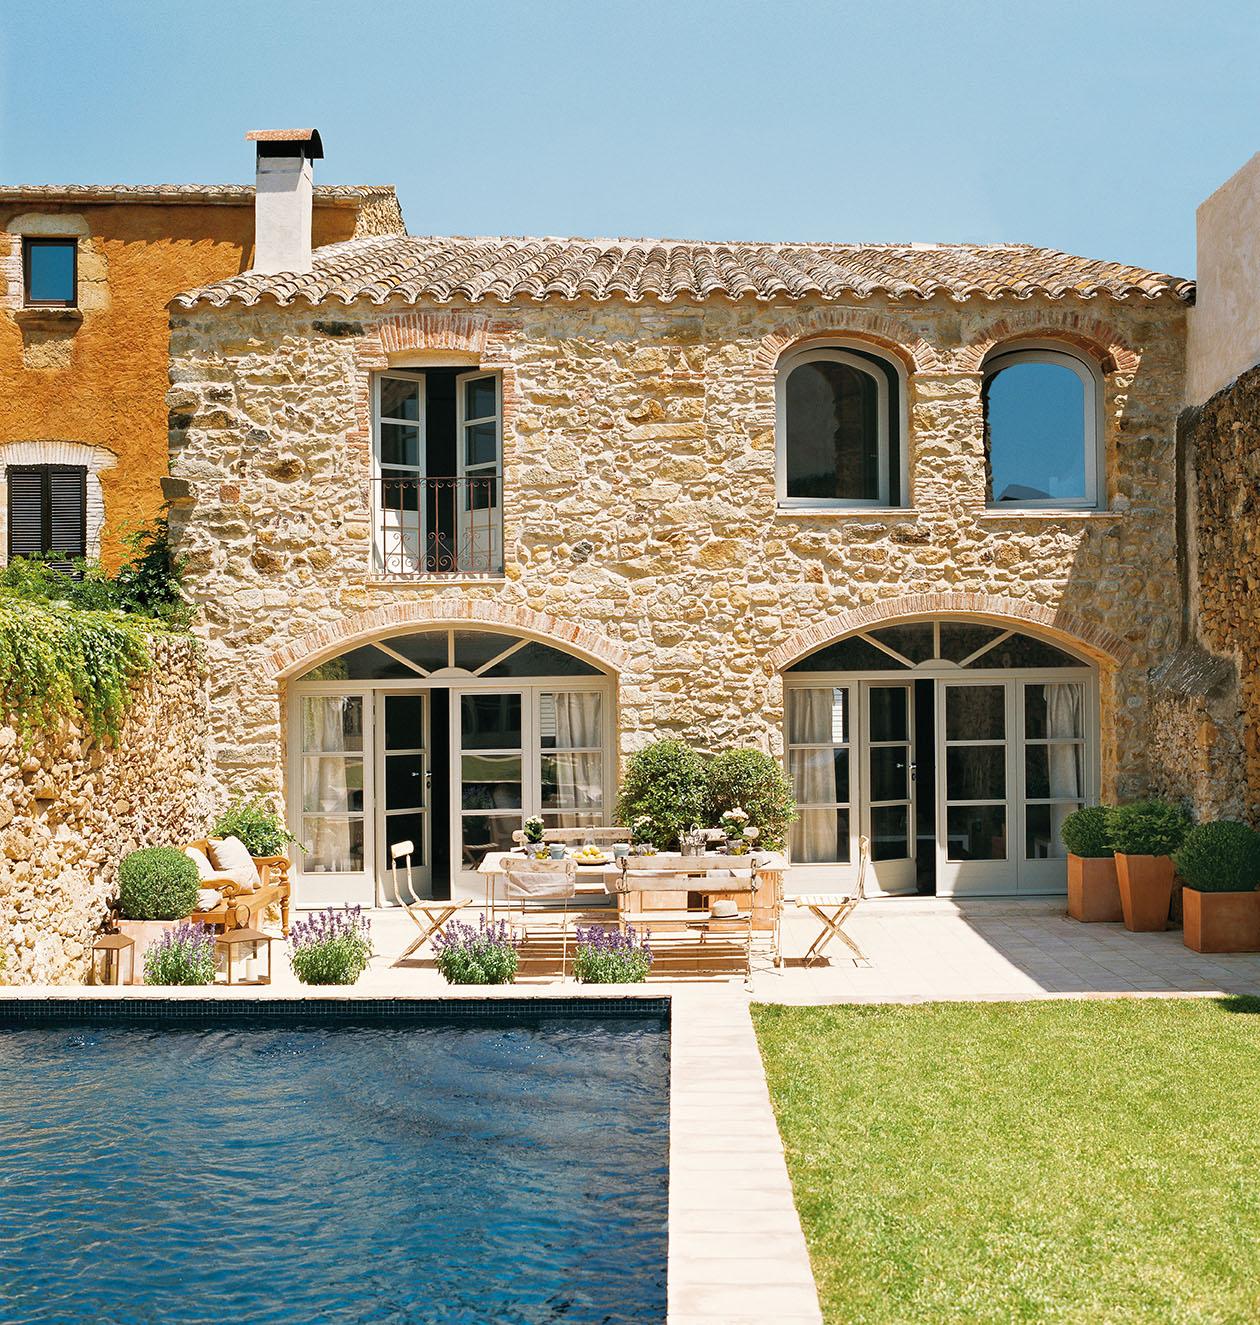 Reforma total de una antigua casa de piedra - Rehabilitacion de casas ...